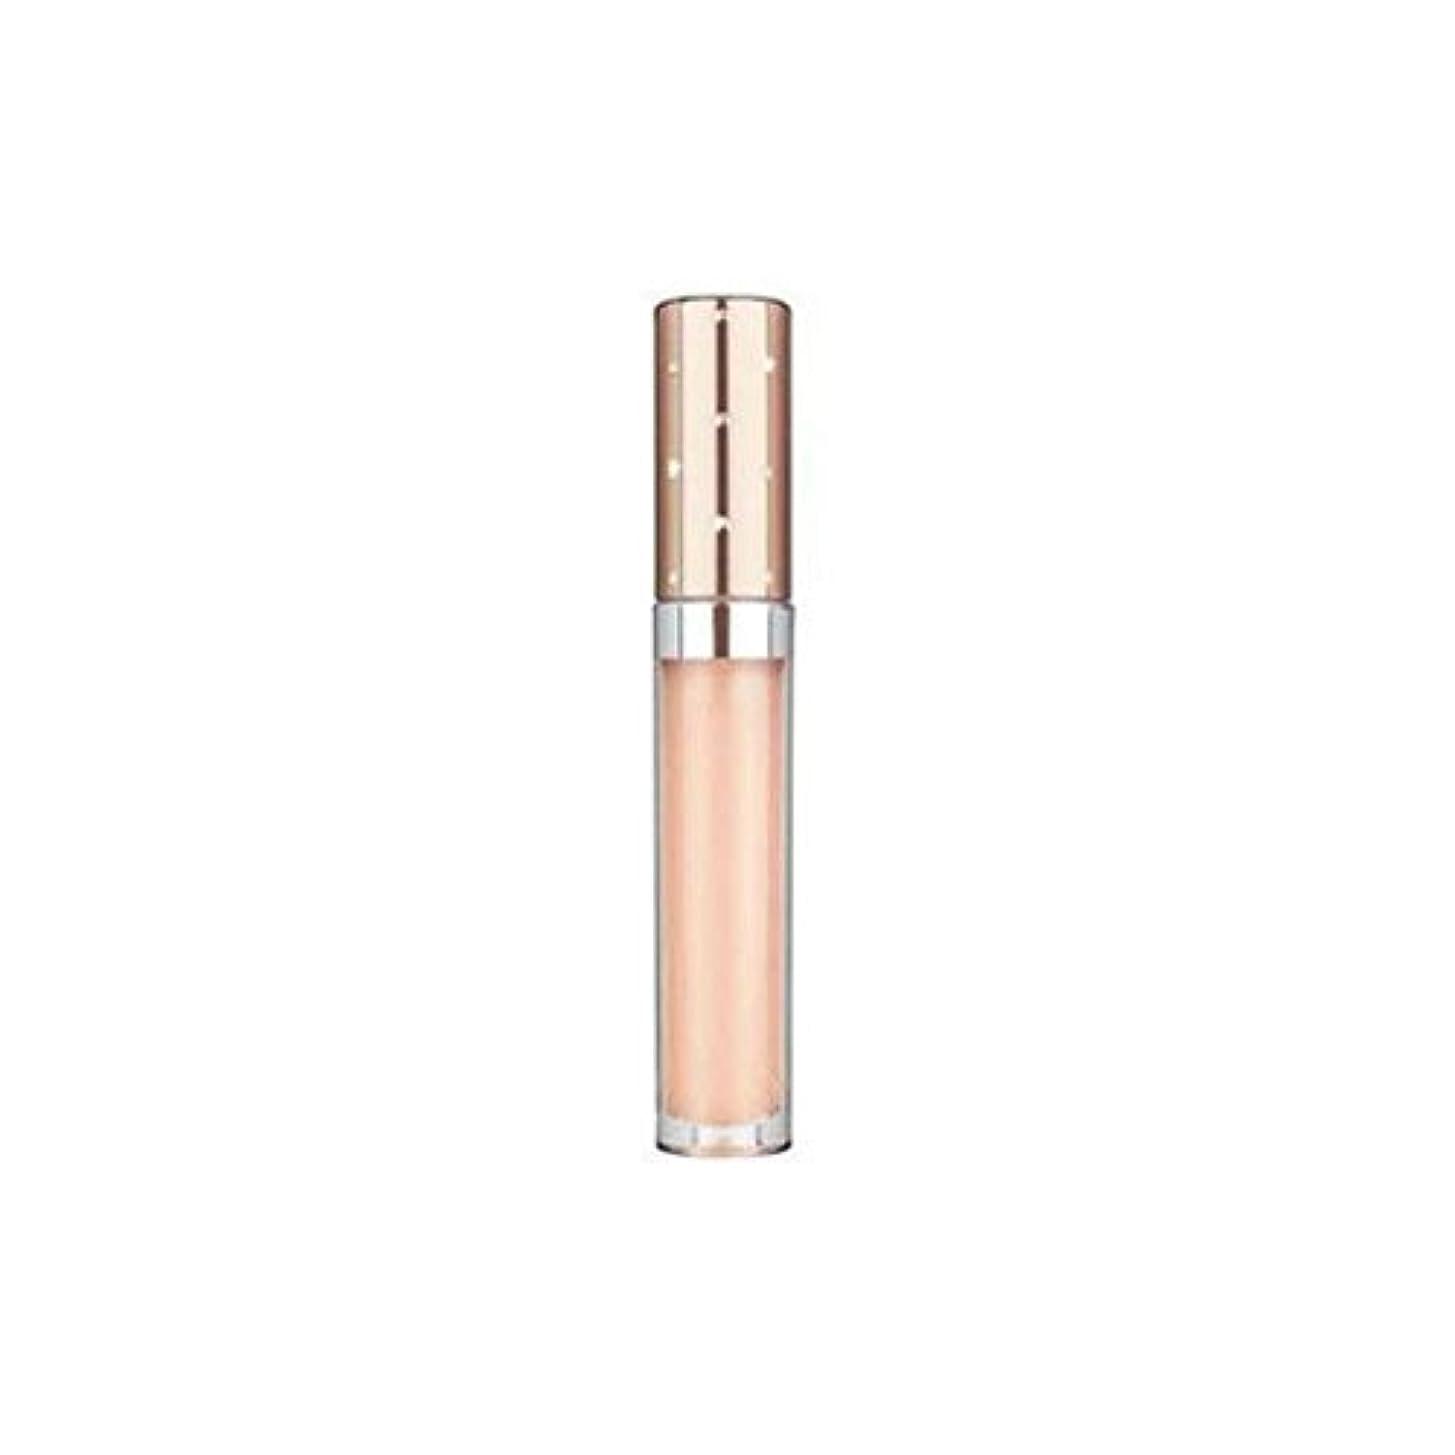 電気技師未使用フィルタNubo Instant Lip Perfection Spf15 (5ml) - インスタントリップパーフェクション15(5ミリリットル) [並行輸入品]